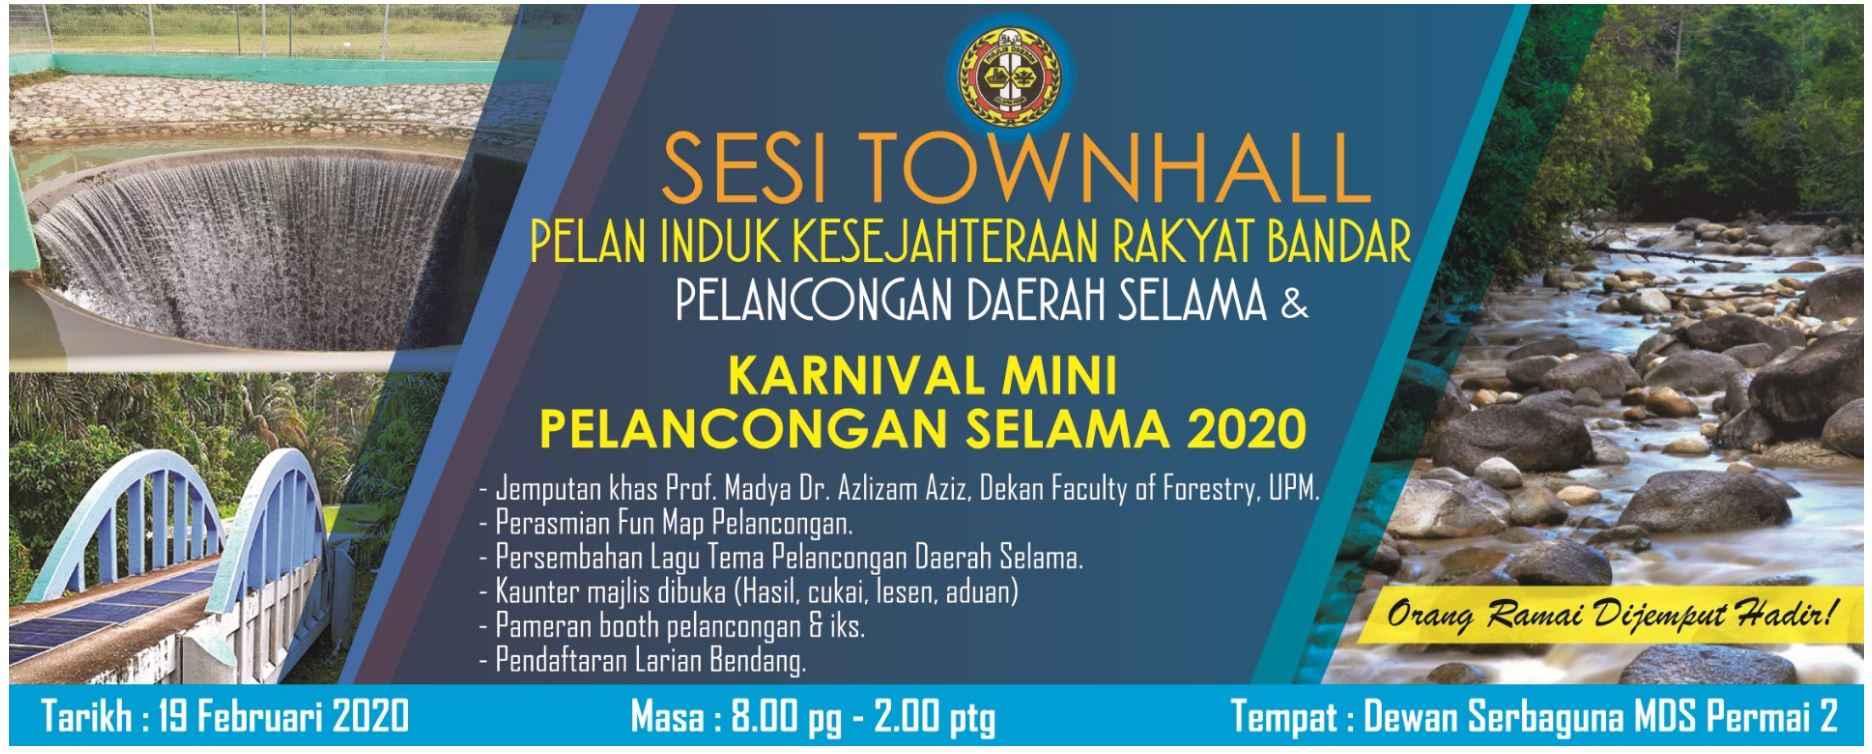 Townhall Siri 1/2020